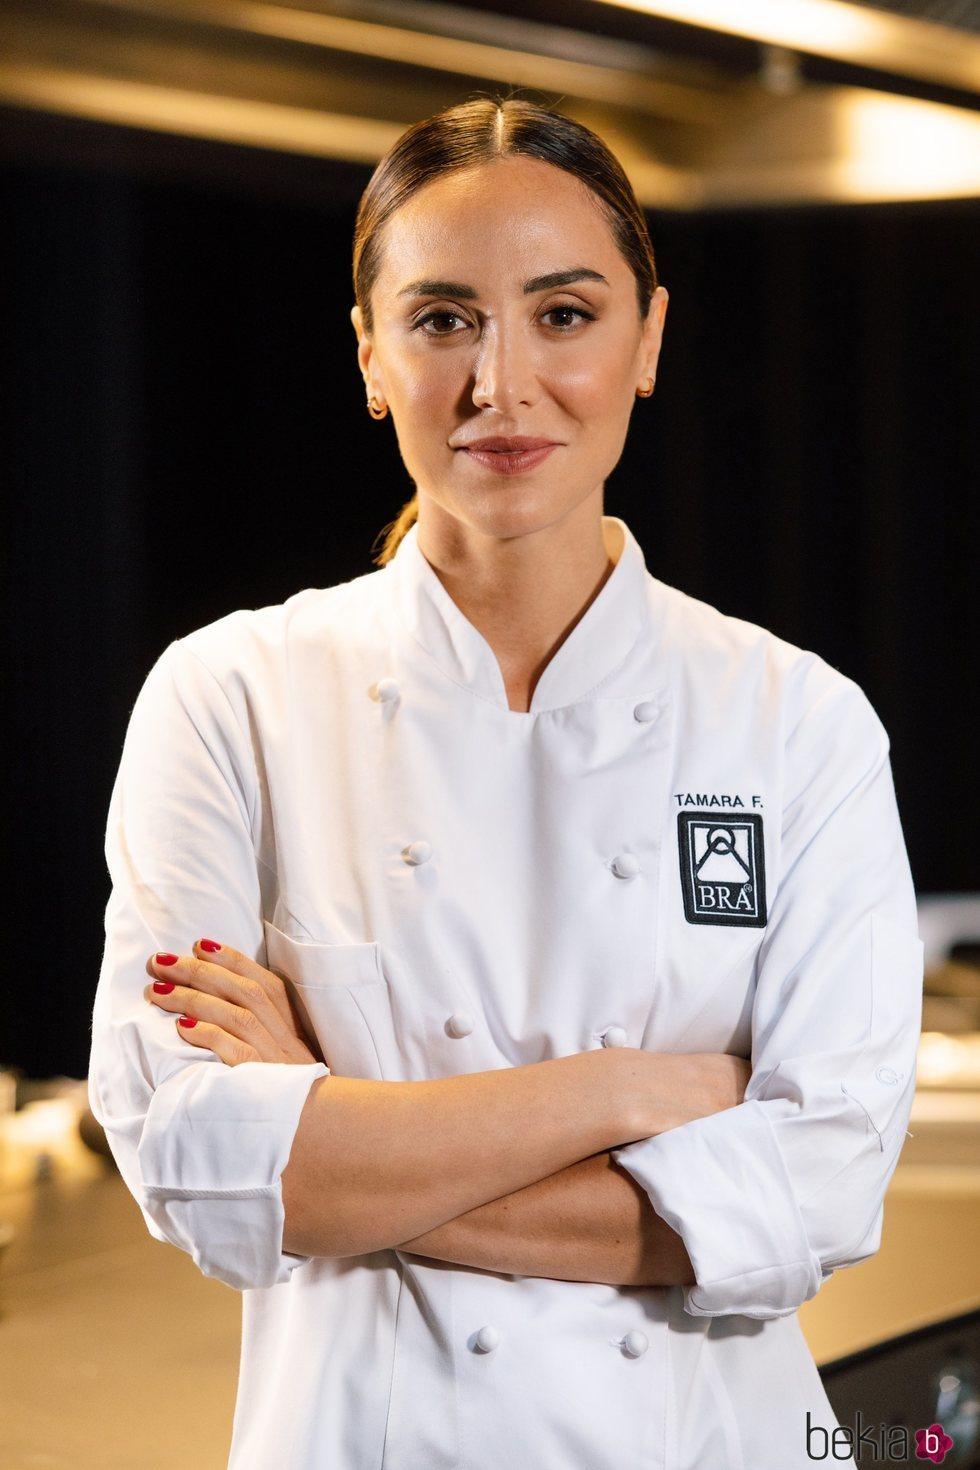 Tamara Falcó en un show cooking